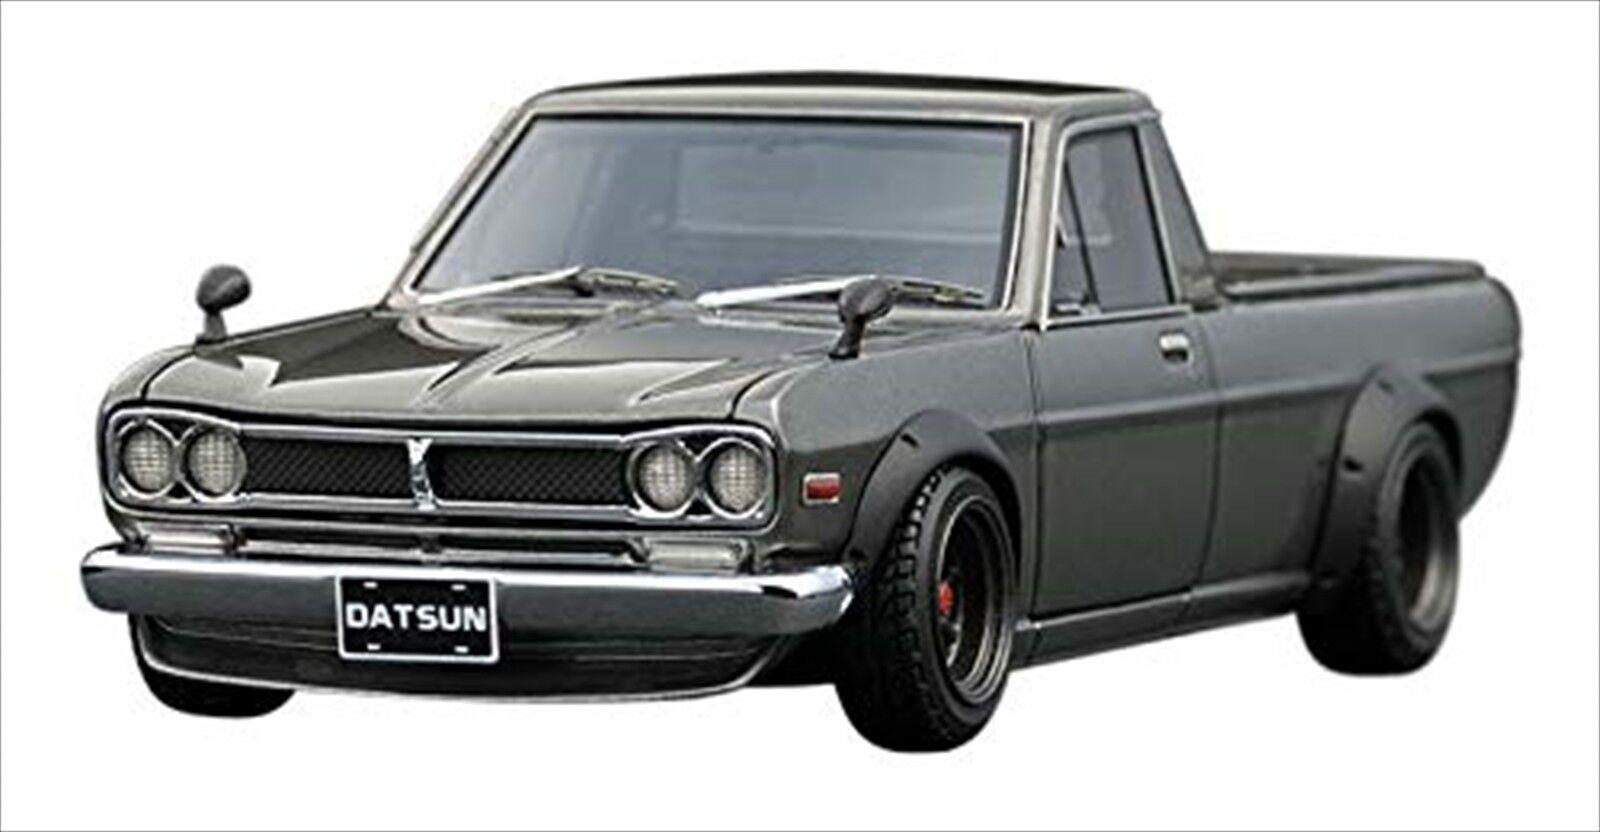 ahorra 50% -75% de descuento Ignición Ignición Ignición Modelo 1 43 Nissan hakotora Largo Plata Watanabe rueda Japón Nuevo  100% precio garantizado